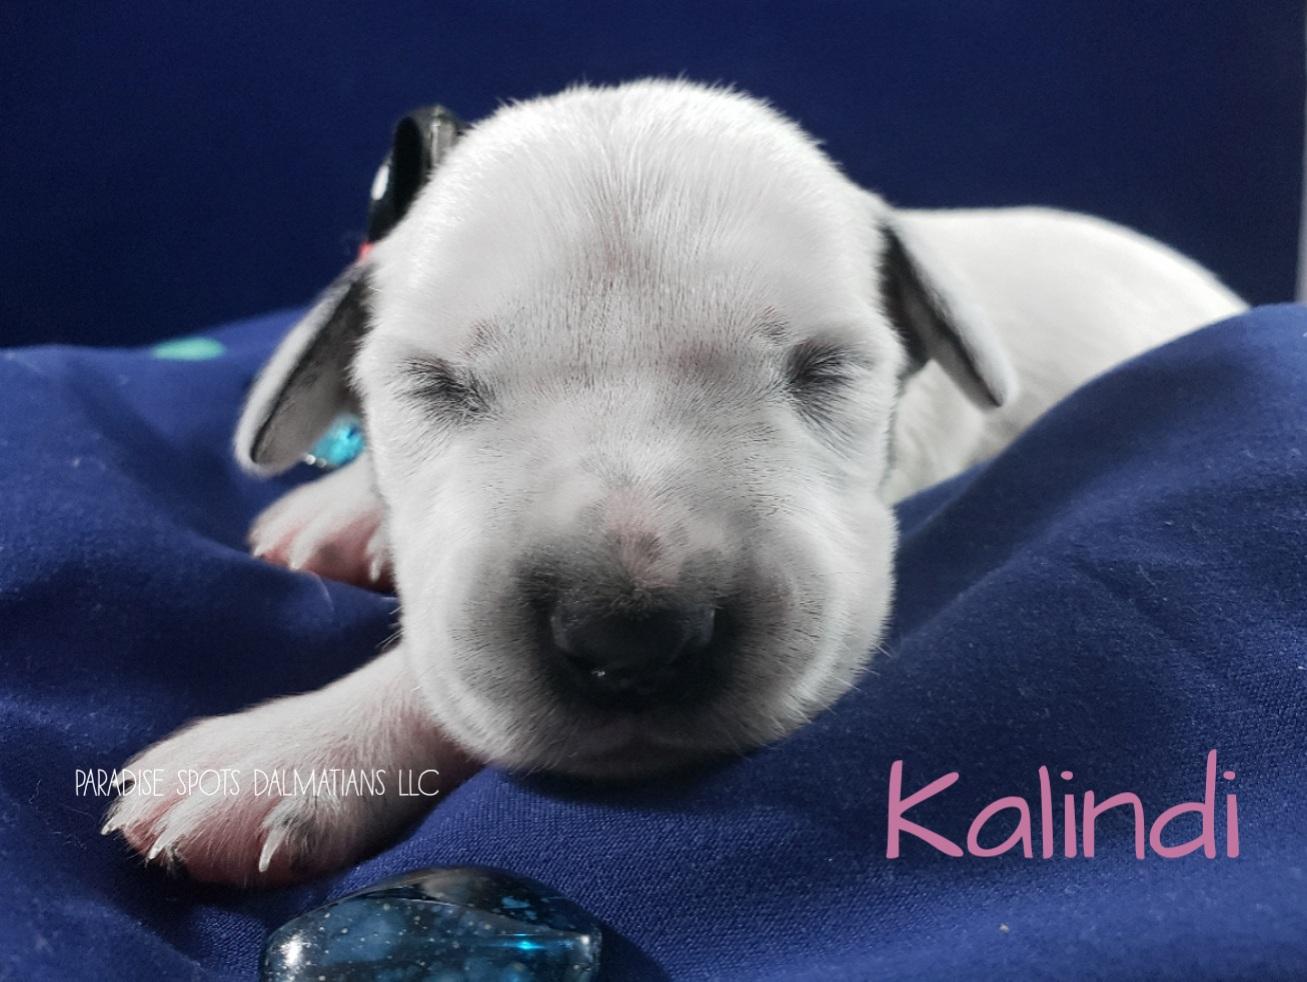 Kalindi-1w (1)